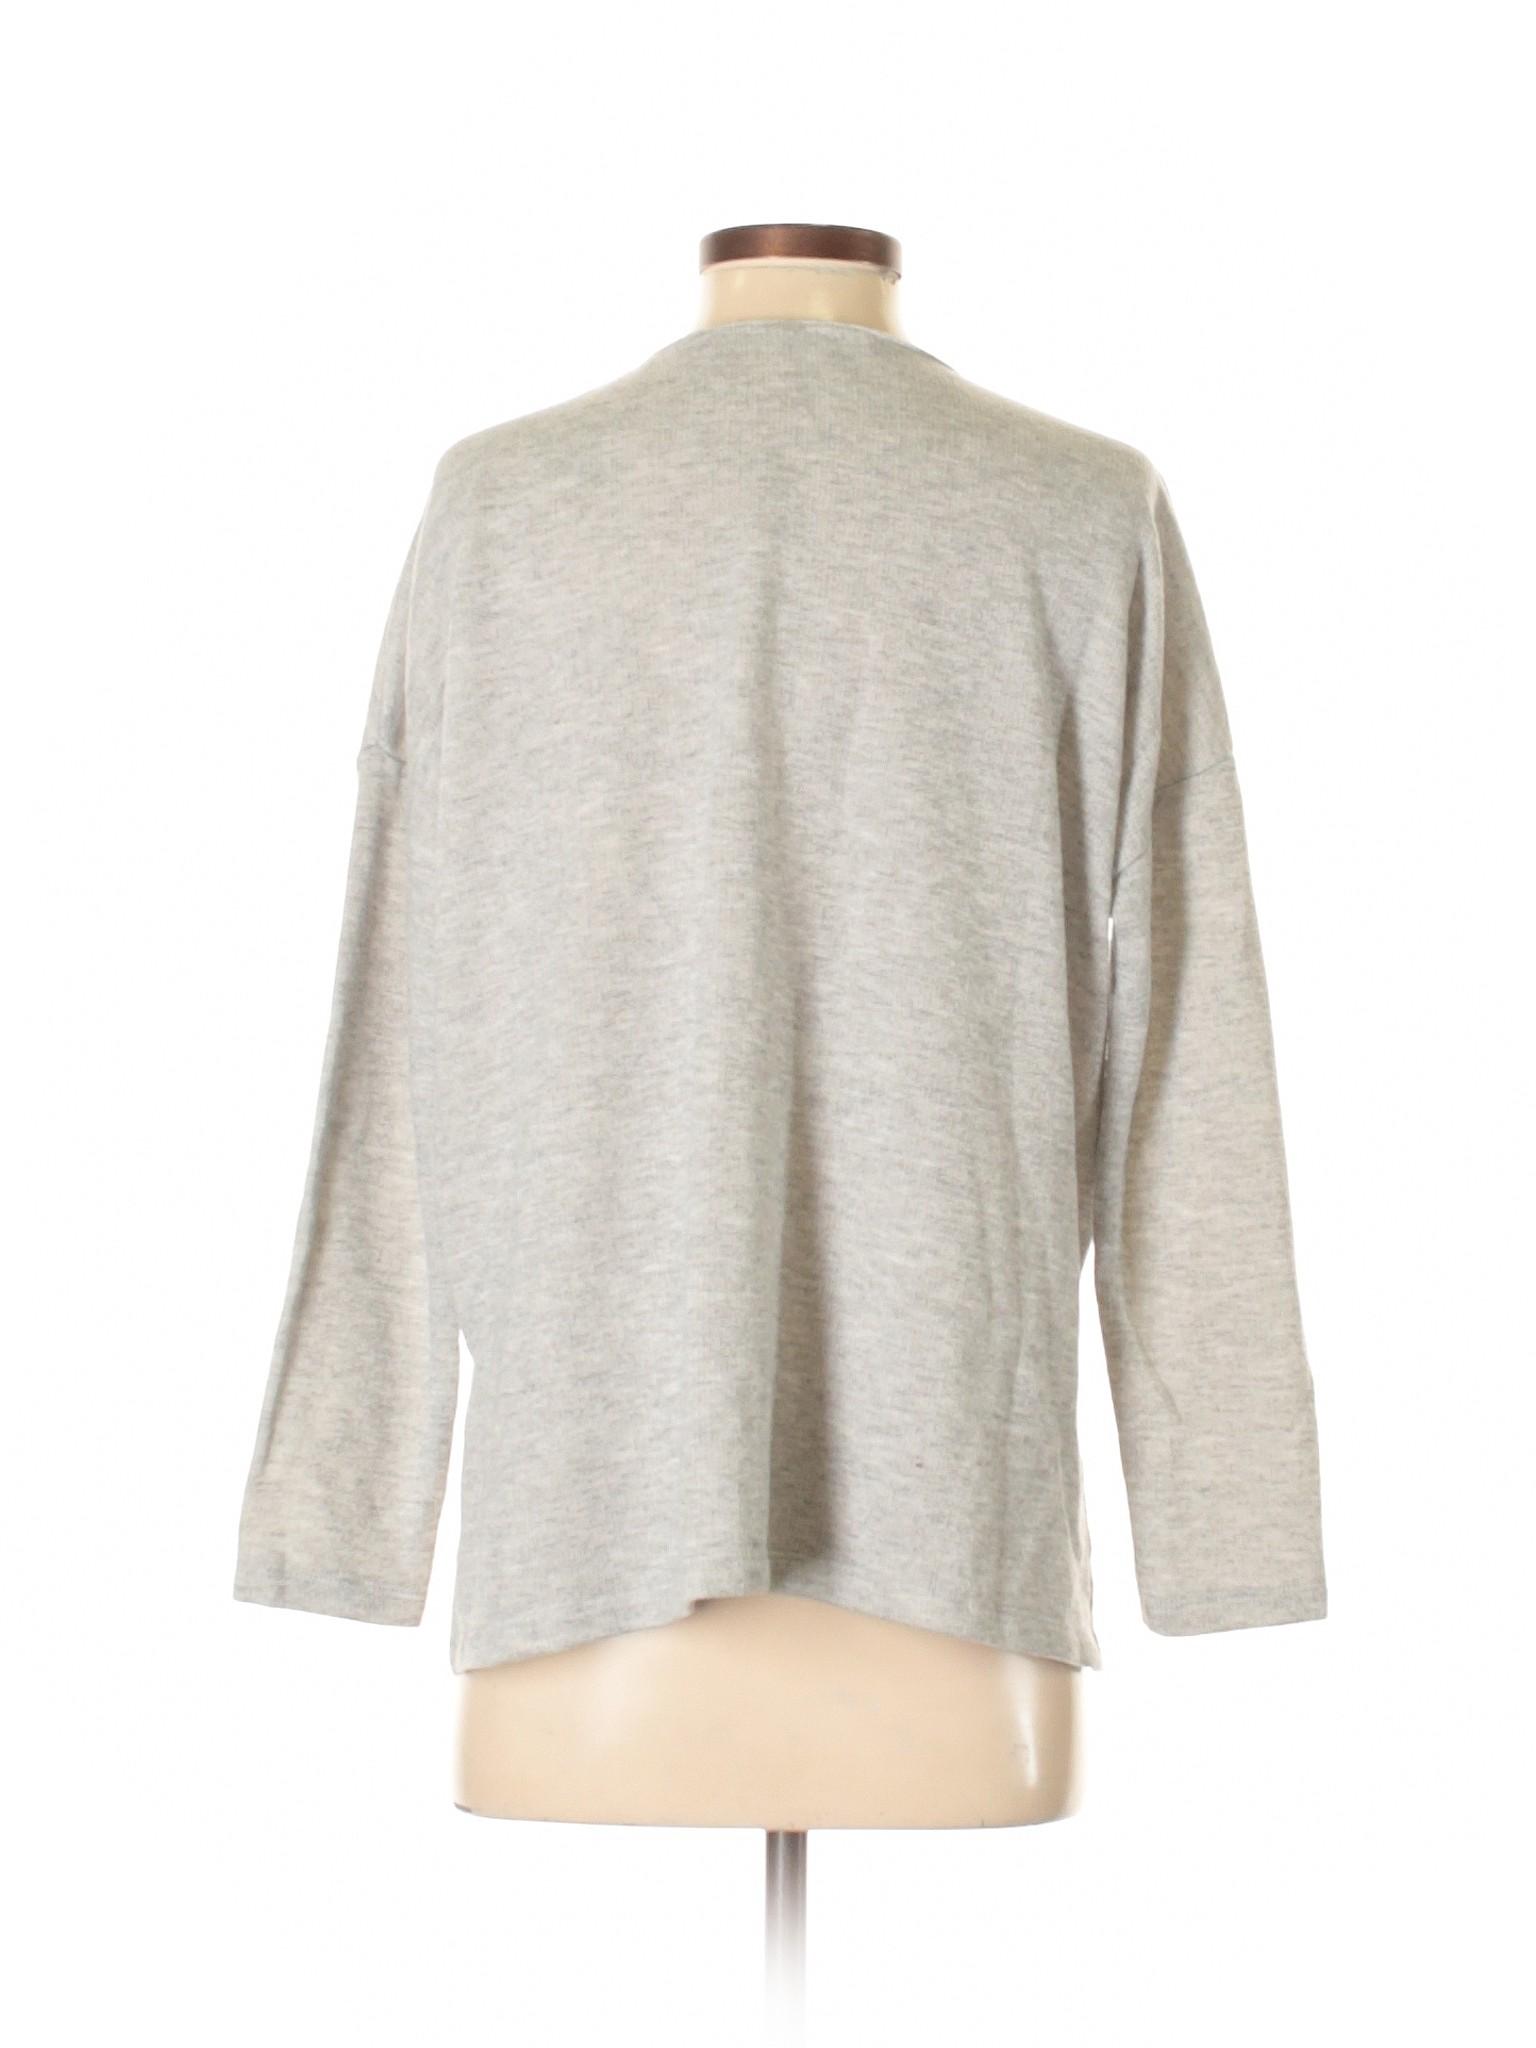 Zara Sweater Pullover Zara Pullover Boutique Pullover Zara Boutique Sweater Boutique AFZgqwZ